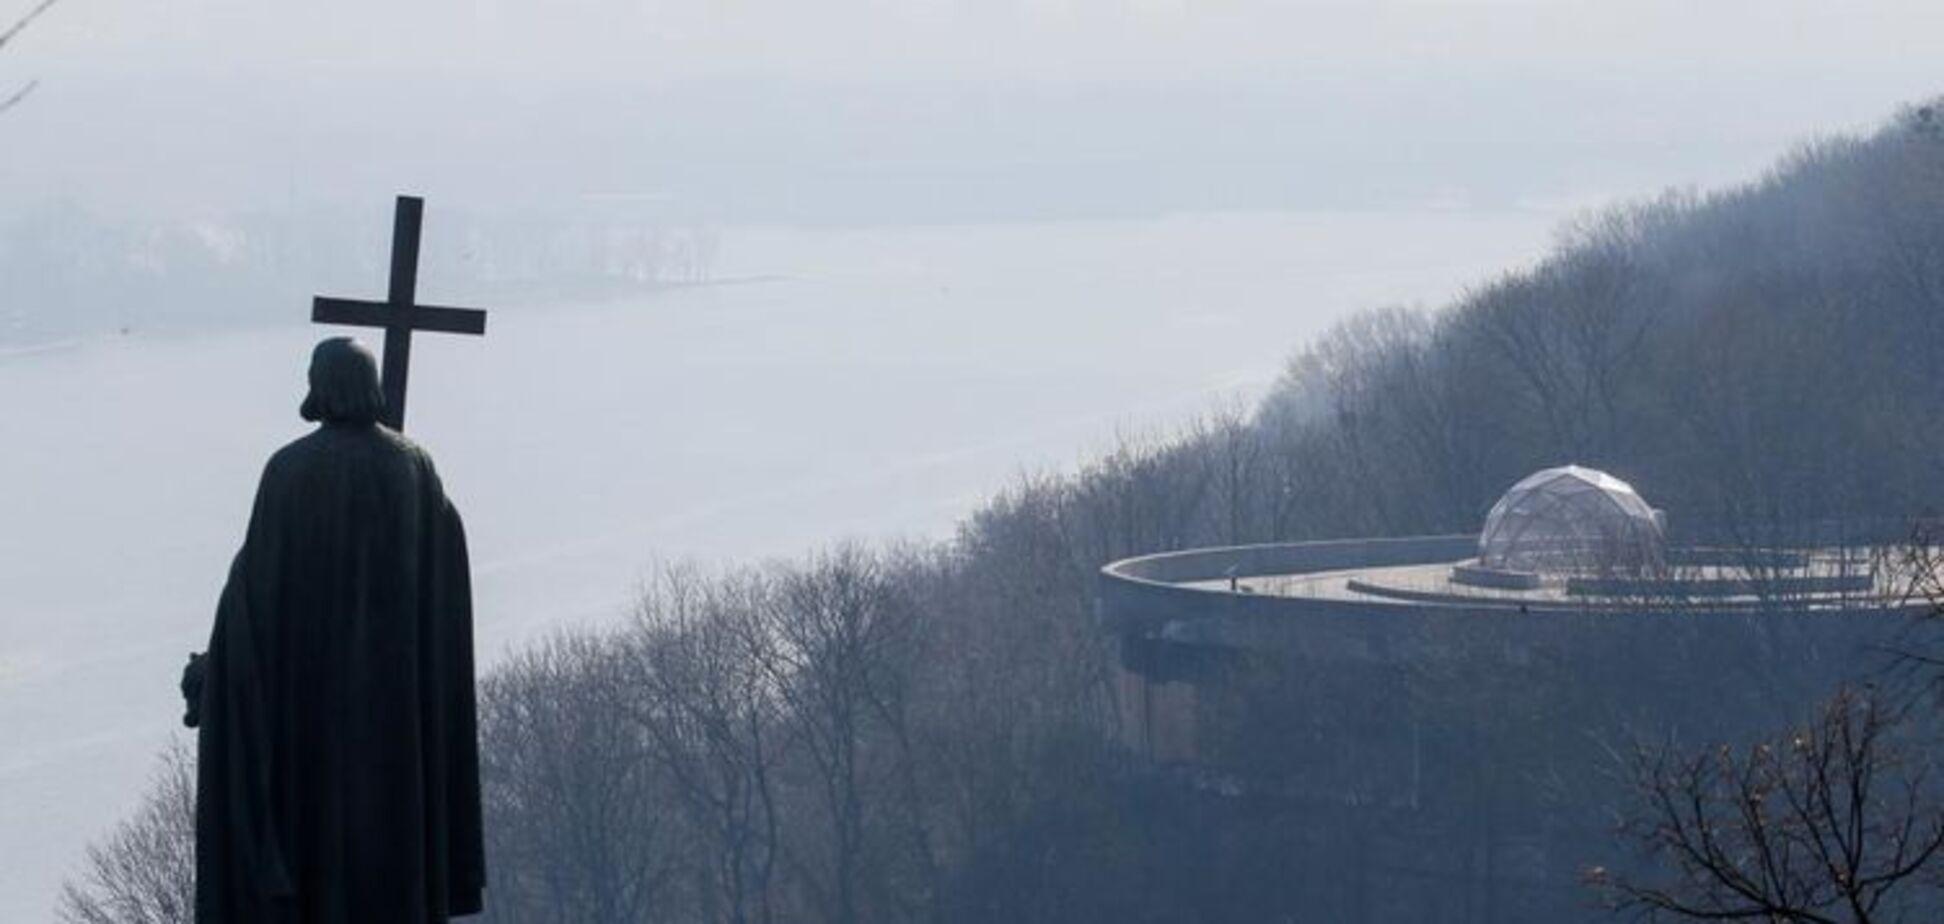 Почему в Киеве такой грязный воздух: показательное фото ХХ и XXI веков